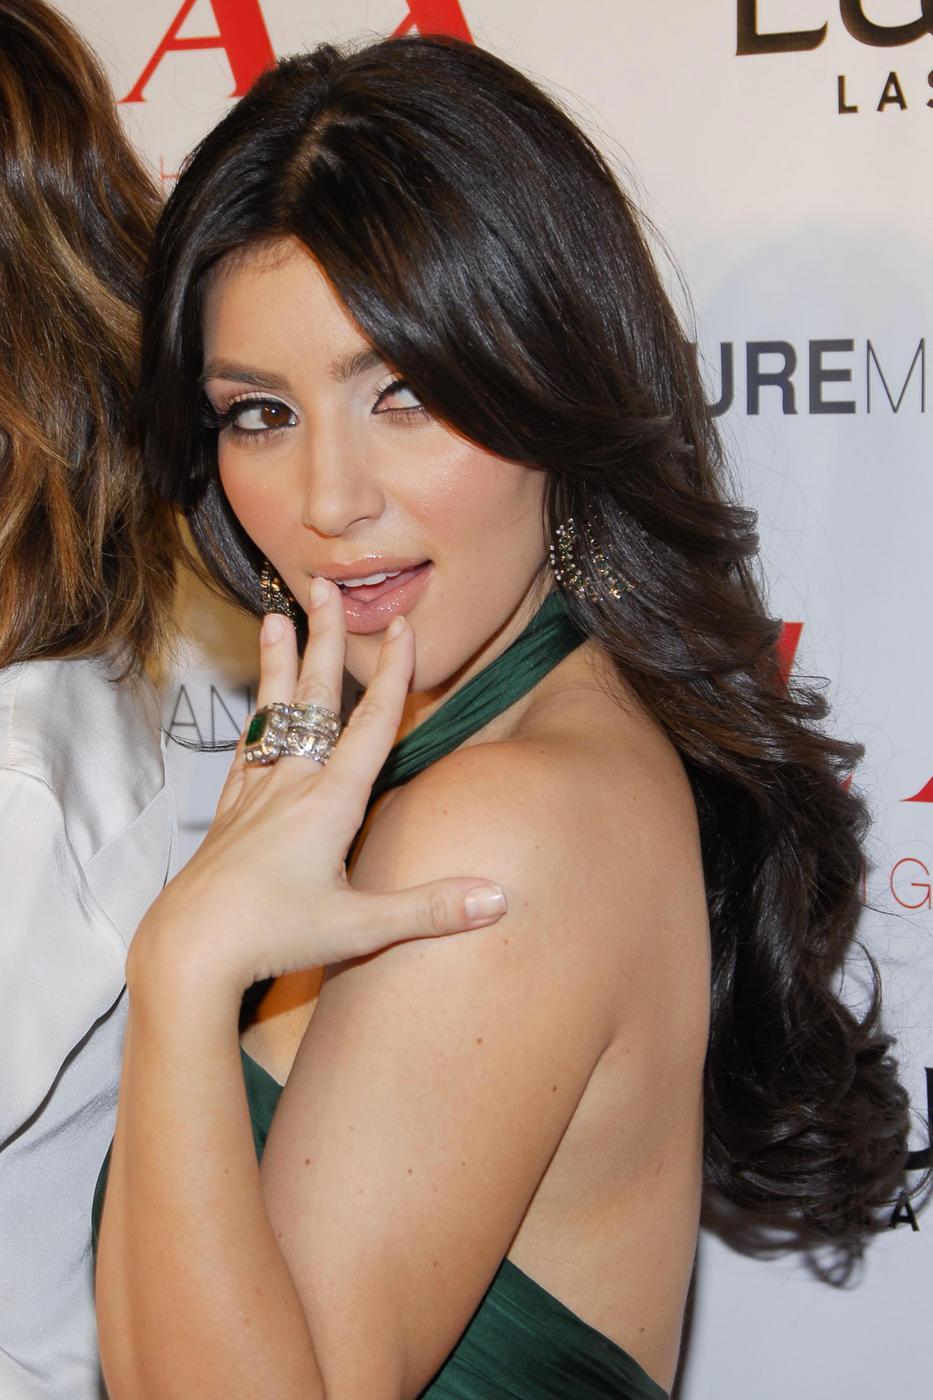 http://3.bp.blogspot.com/_Ca21XCsvg58/TP_bTglP84I/AAAAAAAACl8/dyWHYnRcBiQ/s1600/25902pcn_kardashians01.jpg